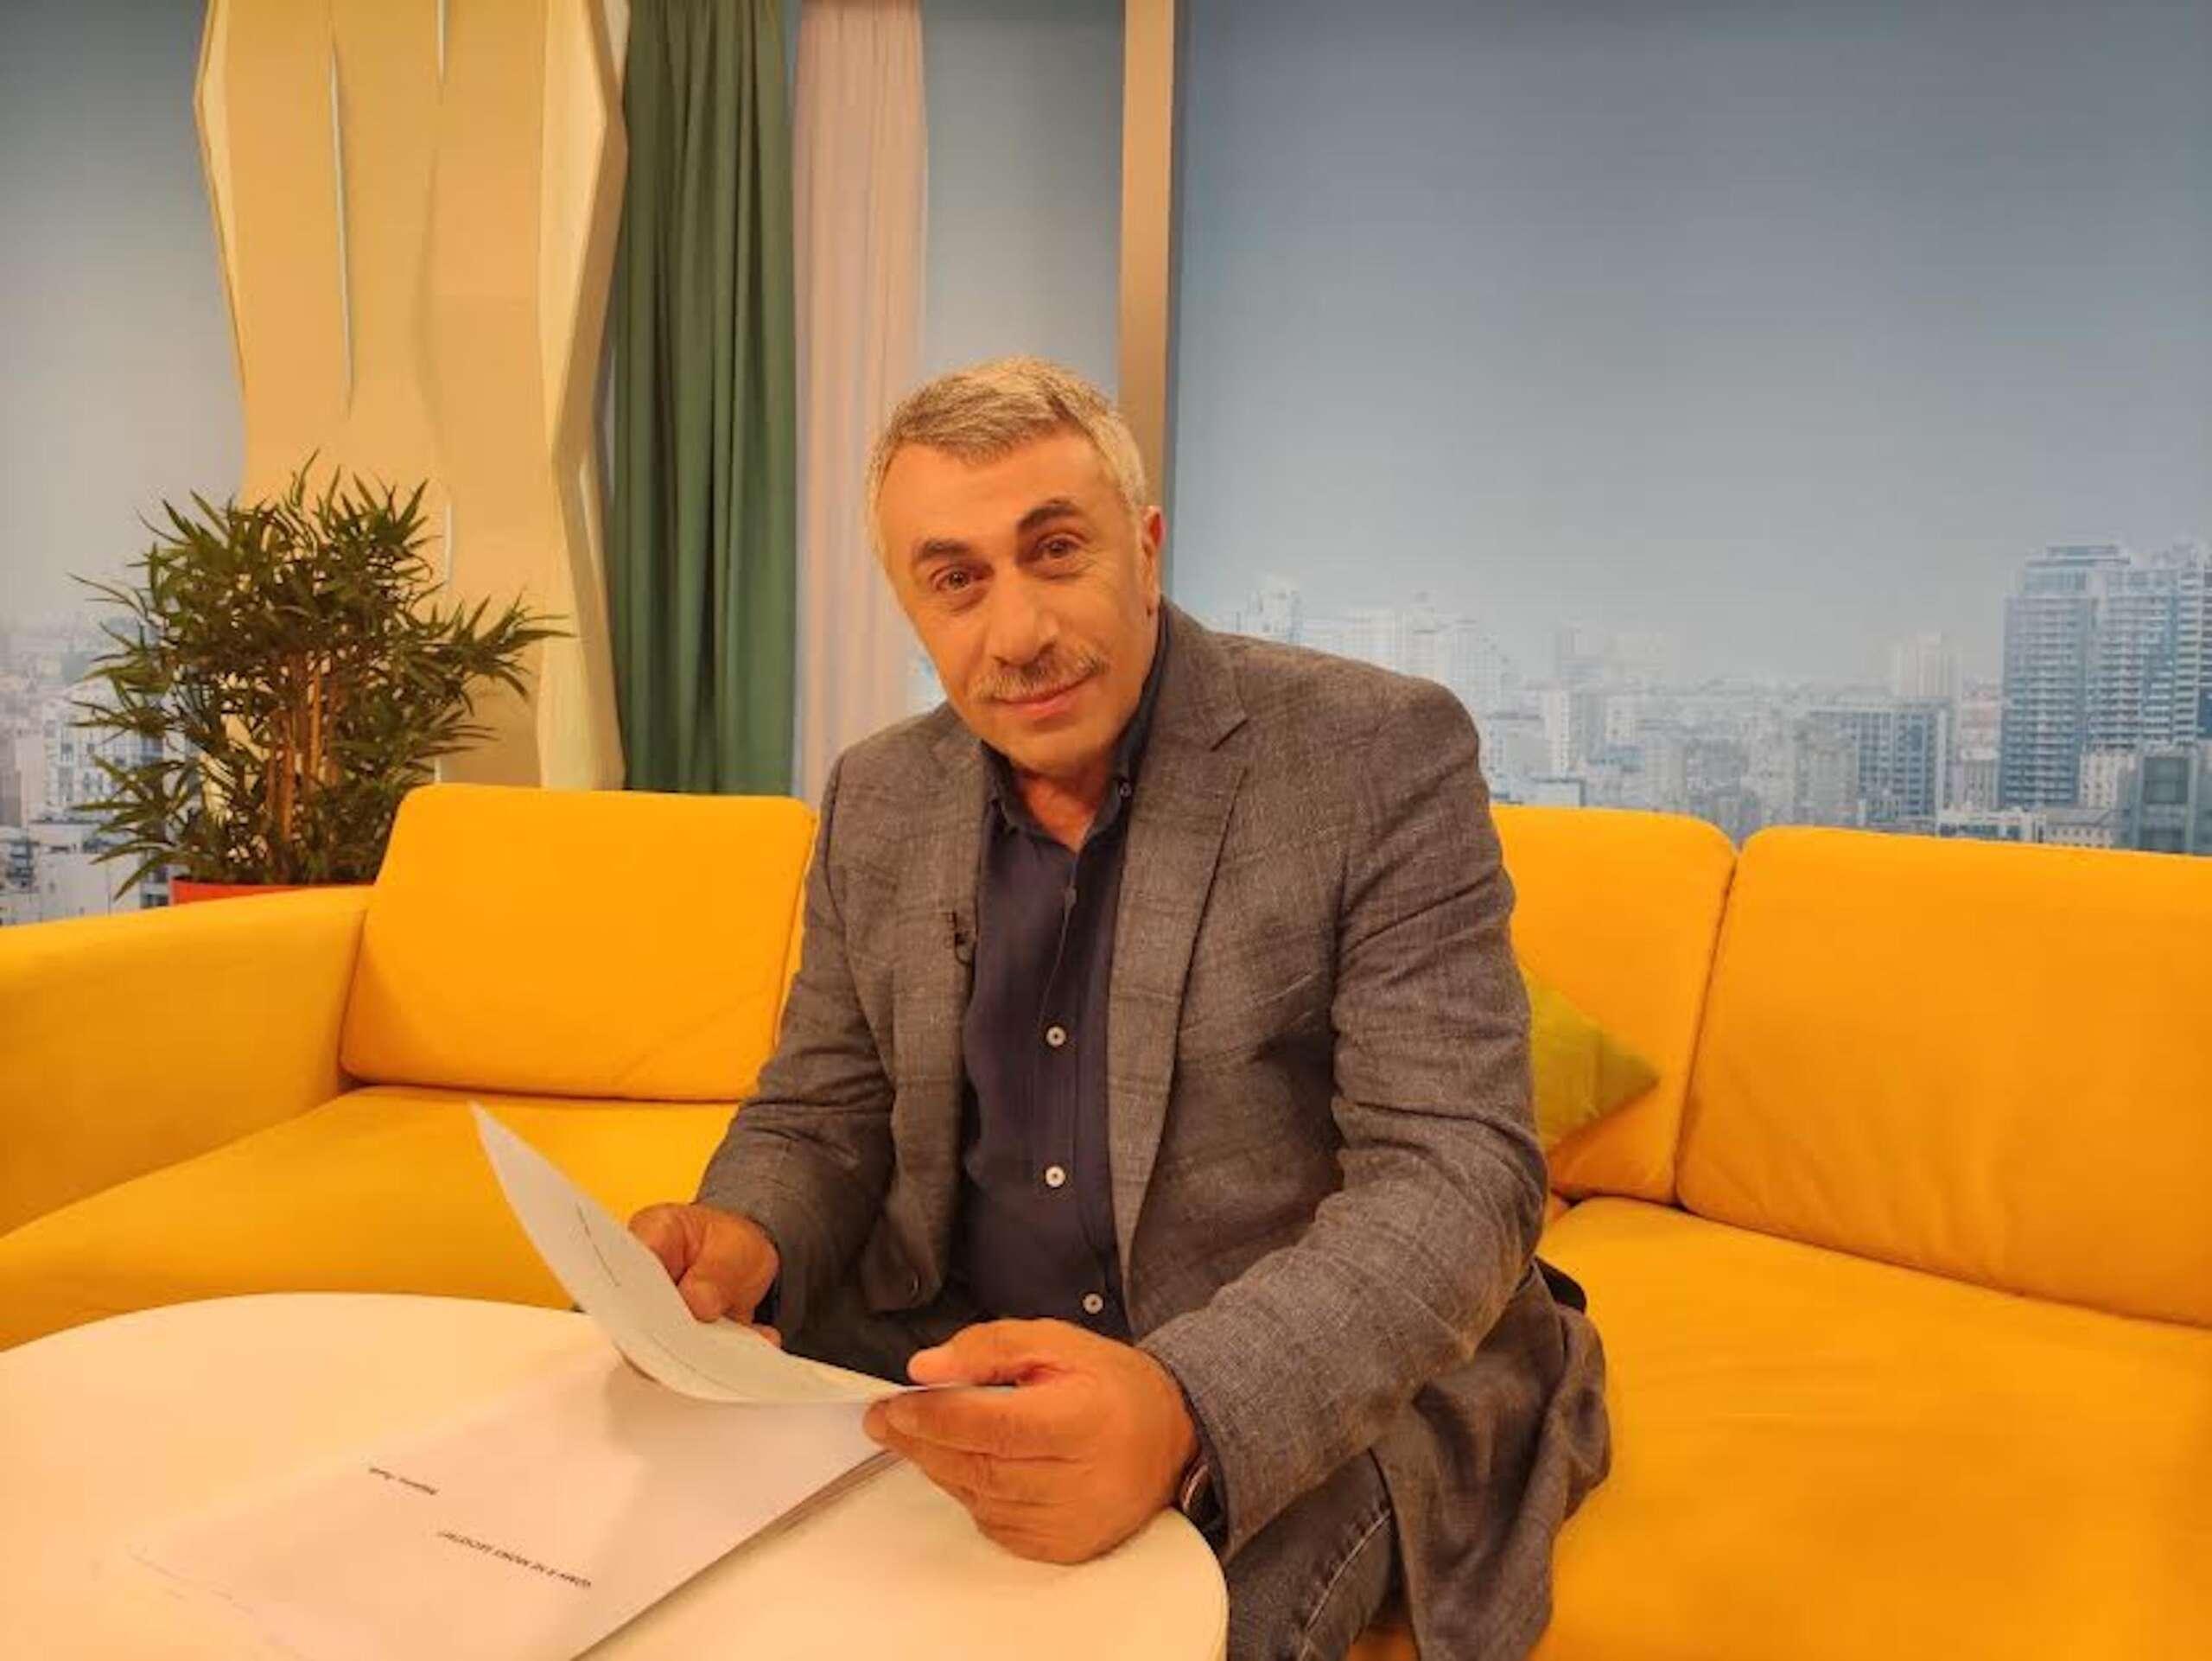 Доктор Комаровский настаивает - переболевшим ковидом надо вакцинироваться